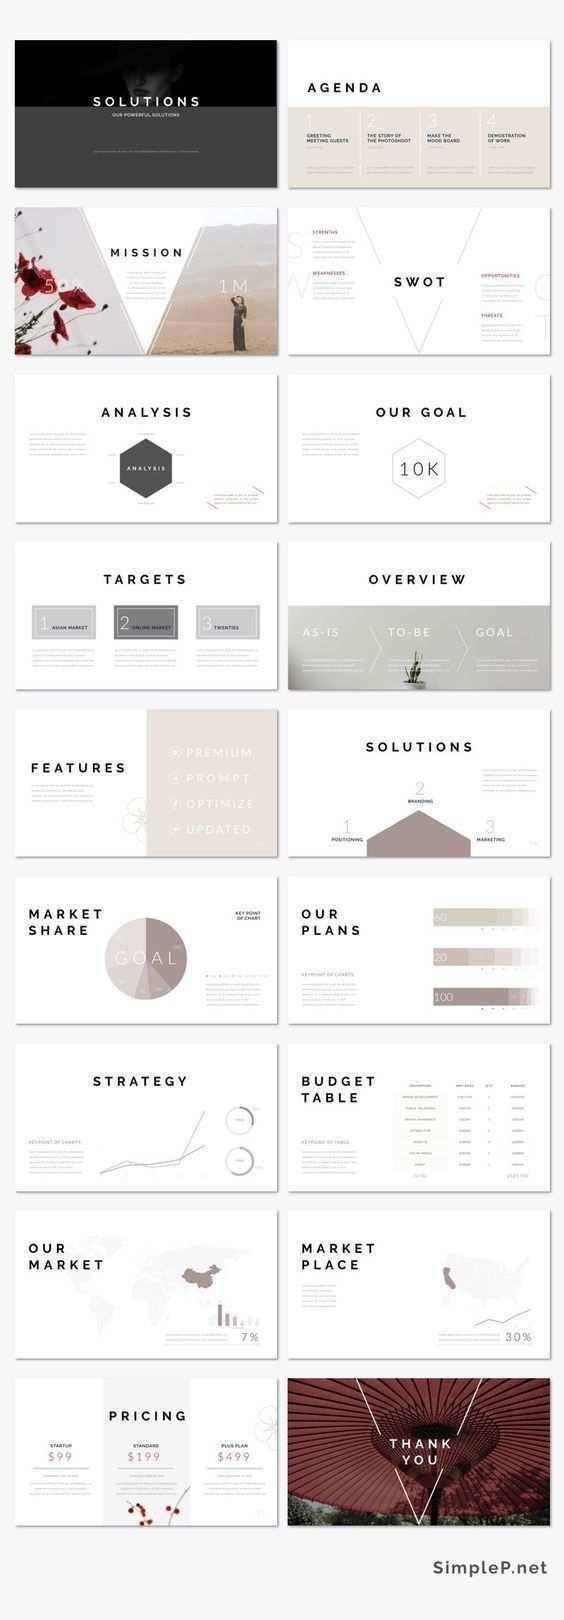 Orientalische Powerpoint Vorlage Presentation Design Layout Presentation Layout Powerpoint Design Templates